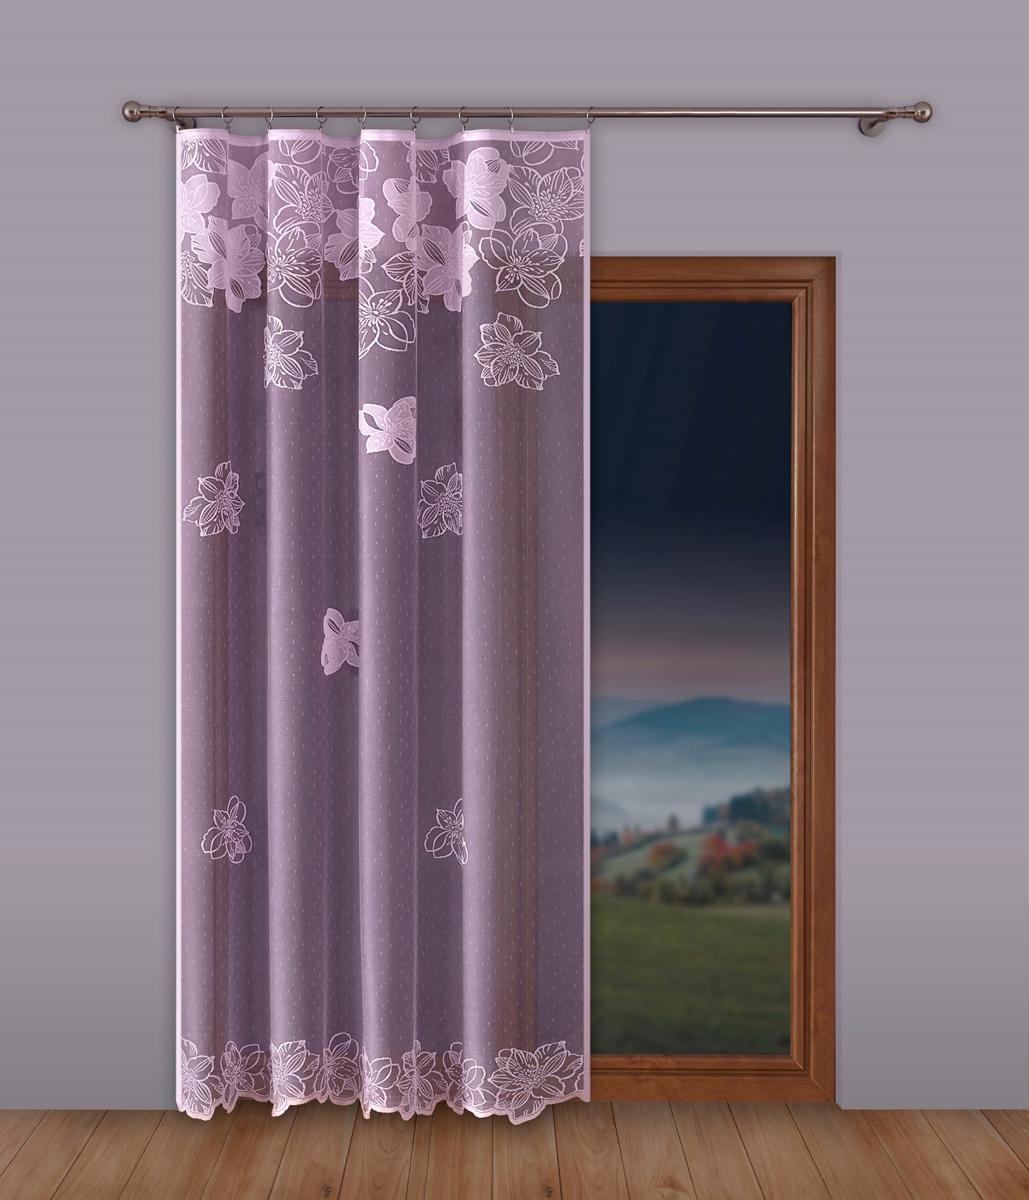 """Тюль """"P Primavera Firany"""", на ленте, цвет: сиреневый, высота 270 см, ширина 160 см. 1110359"""